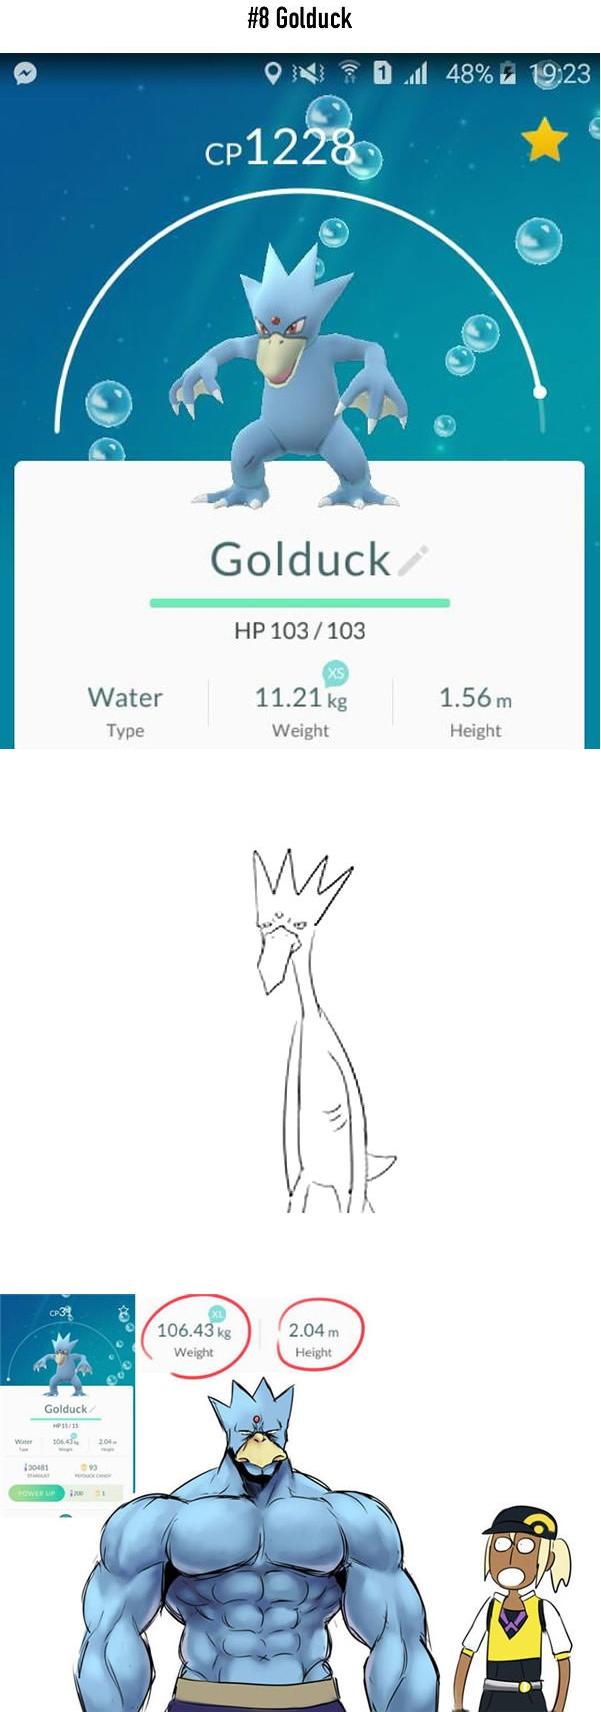 Golduck cũng không khá khẩm hơn, từ một Pokemon dài thượt mà ốm nhom thì anh chàng bỗng trở thành... lực sĩ với chiều cao 2,04m và nặng 106,43kg.